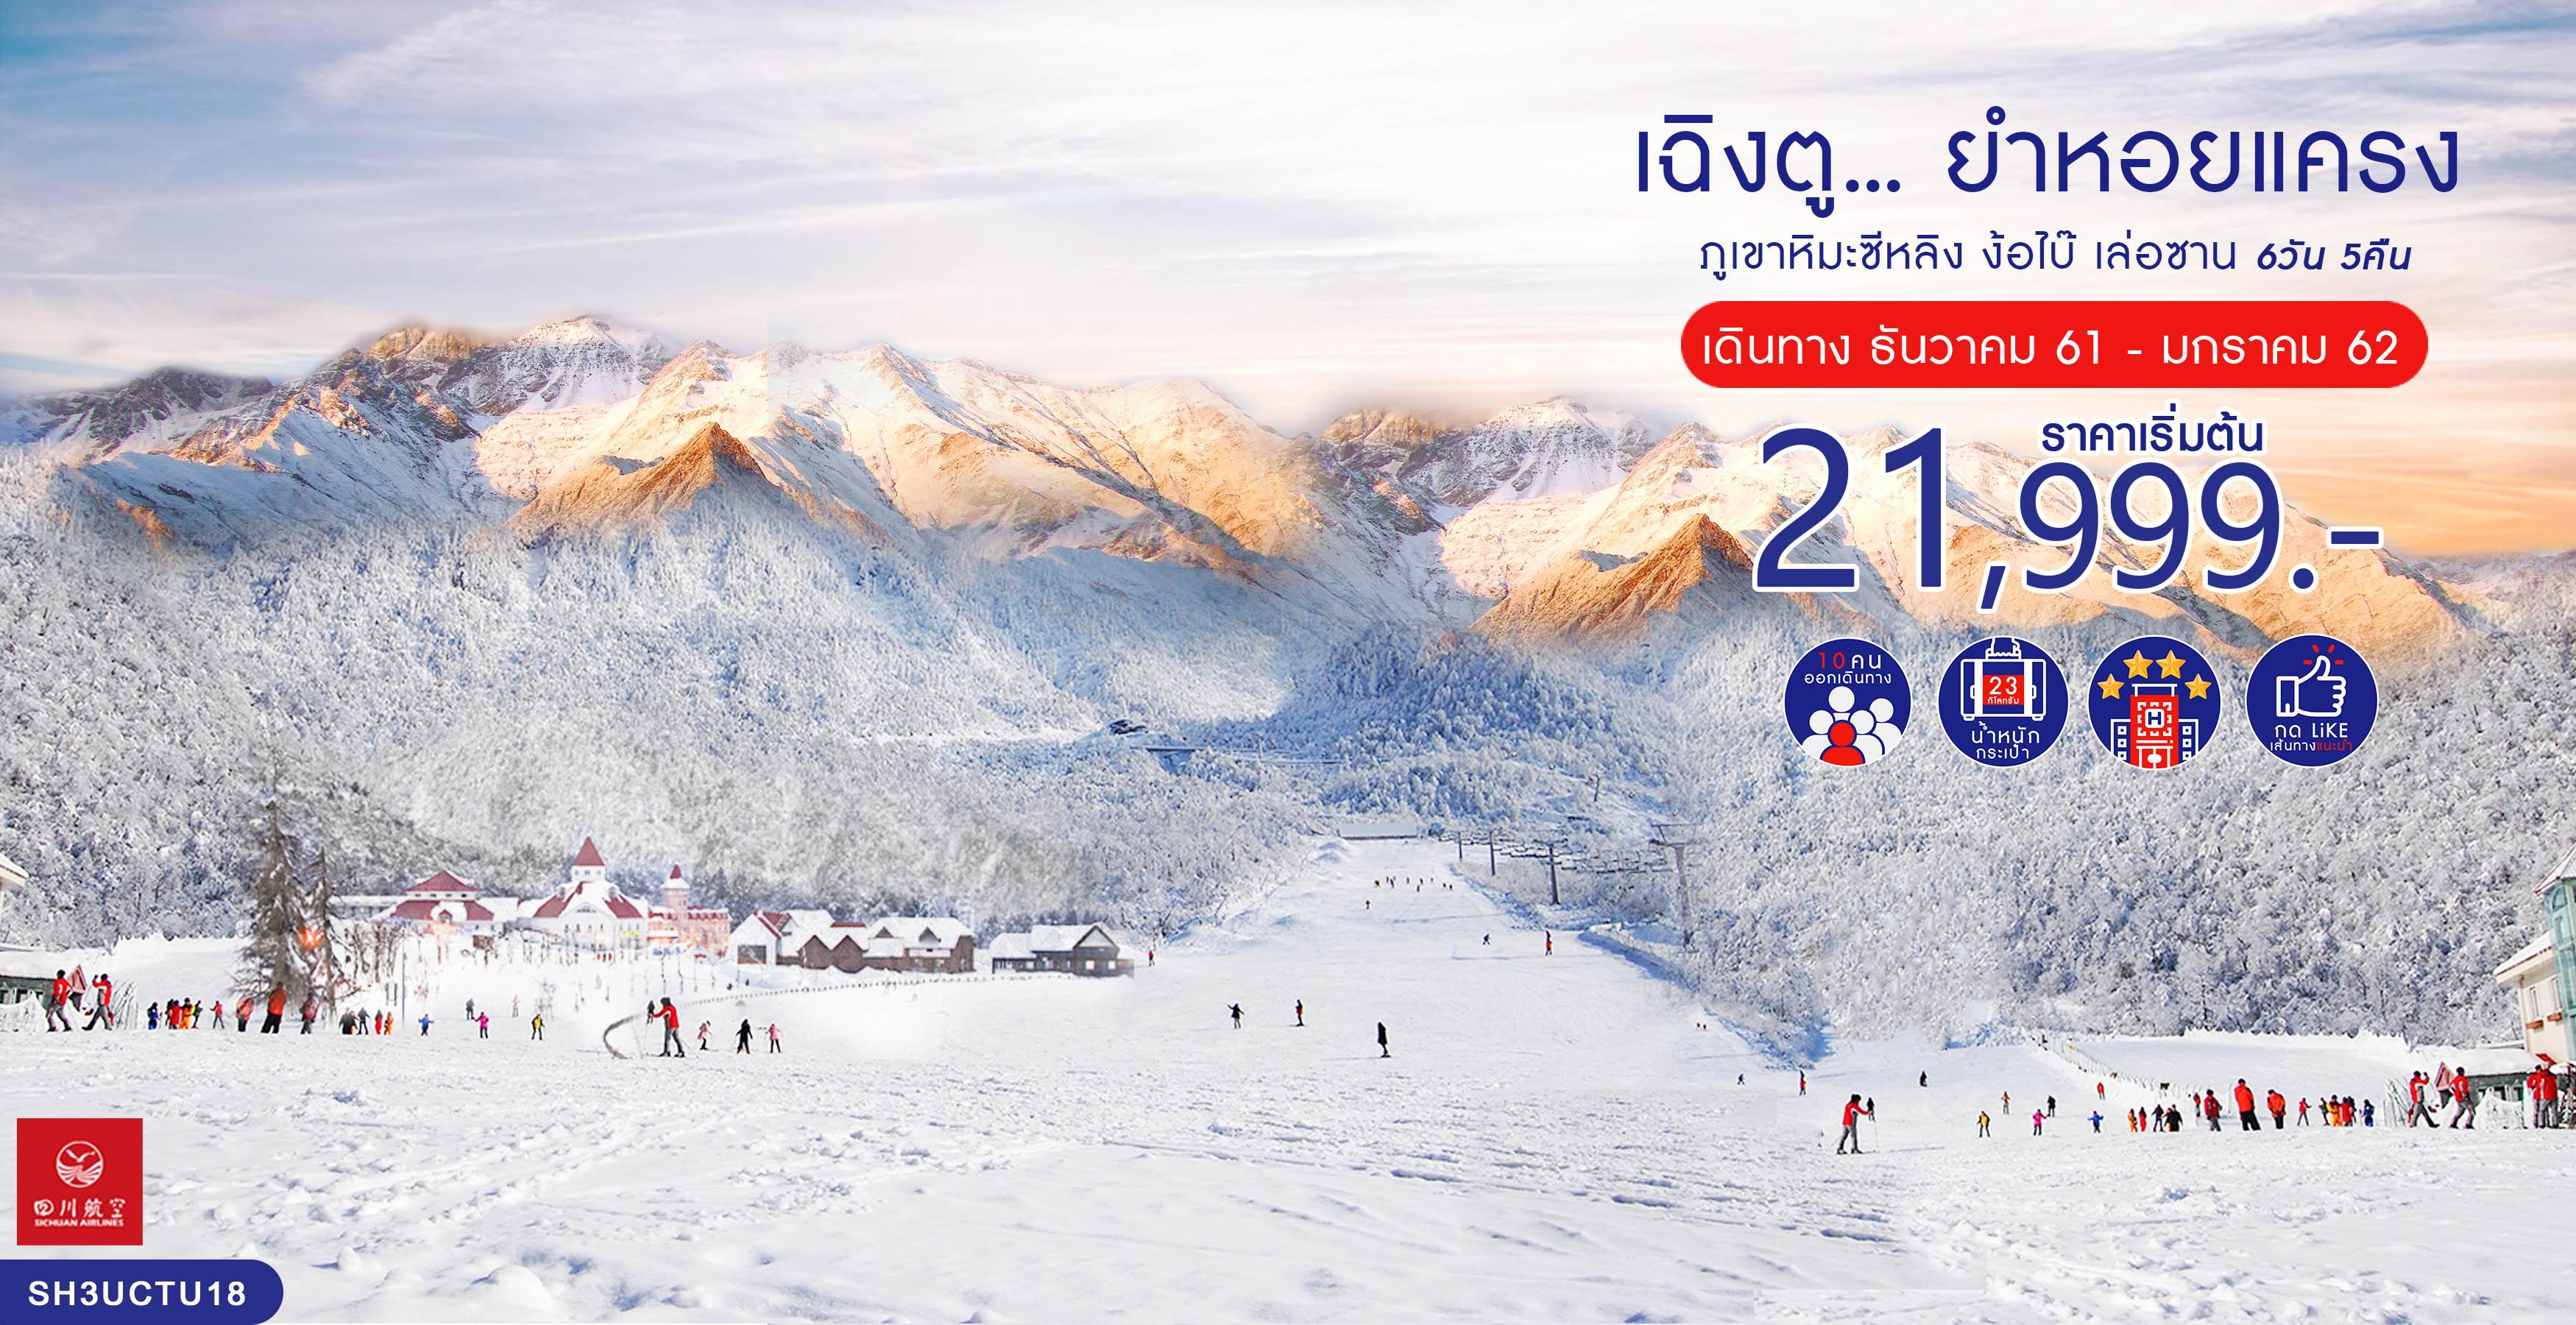 ทัวร์จีน ทัวร์เฉิงตู...ยำหอยแครง ภูเขาหิมะซีหลิง ง้อไบ๊ เล่อซาน 6 วัน 5 คืน (3U)